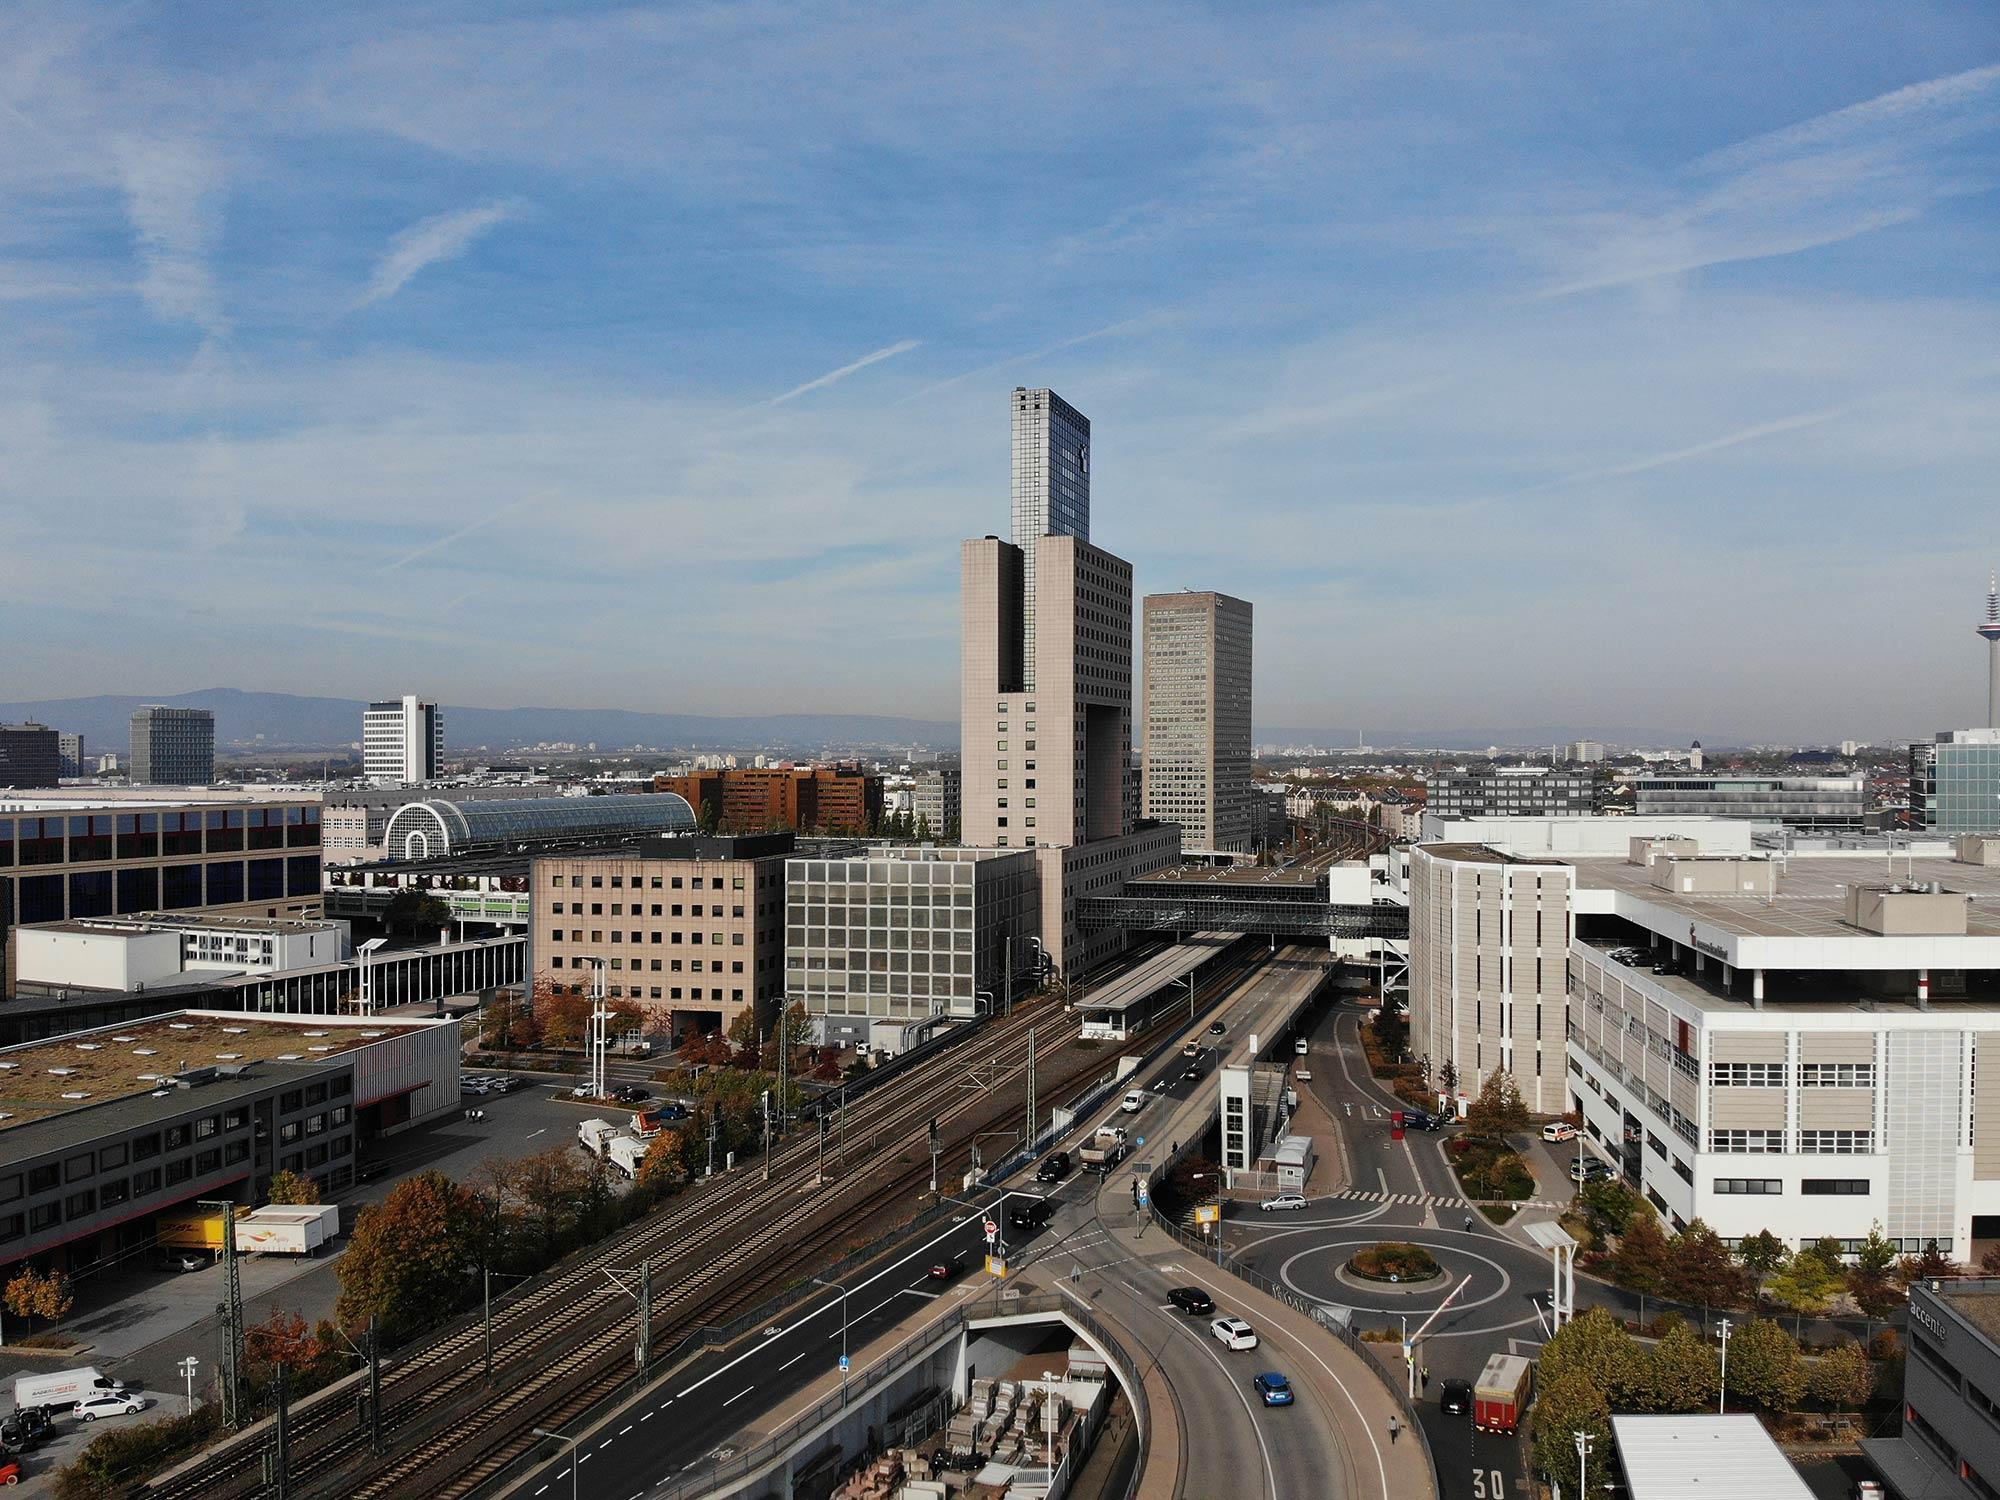 Messe-Torhaus von Oswald Mathias Ungers - Galleria - Messehallen Frankfurt - Messegelände Frankfurt am Main - Panorama - Luftaufnahme